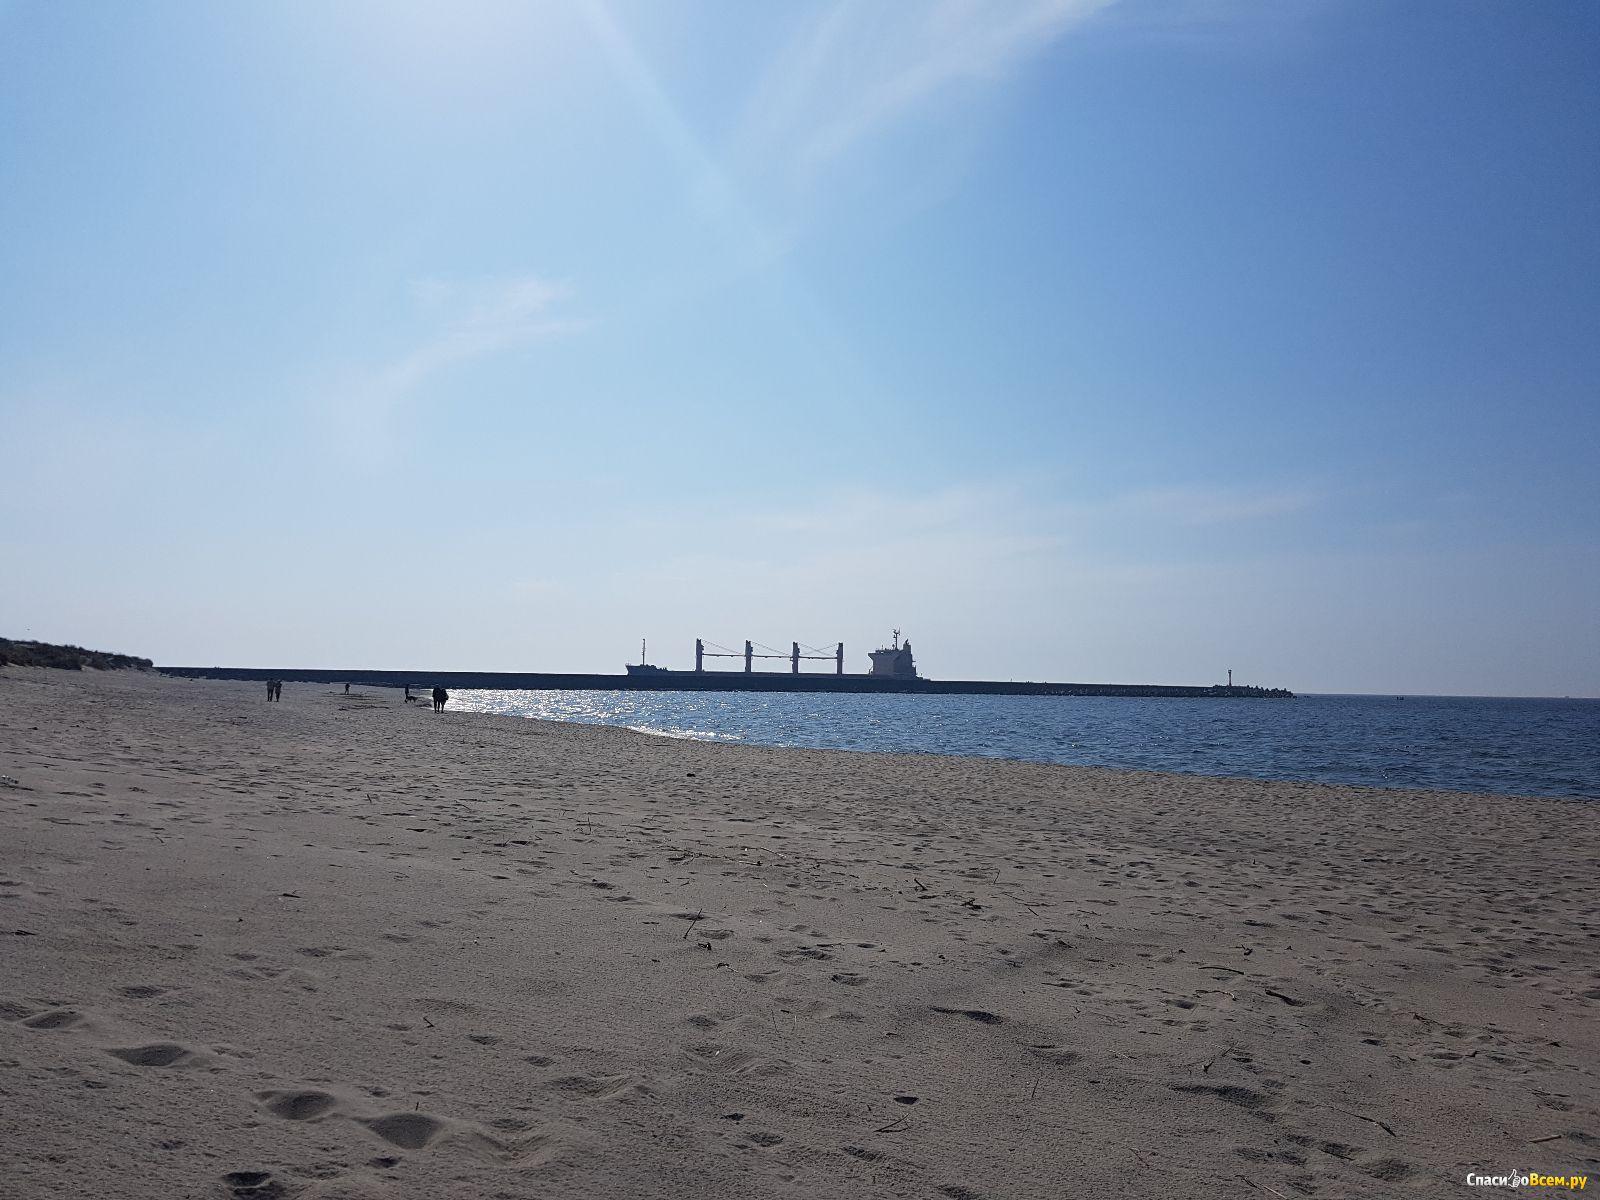 пляжи в балтийске фото домашних животных